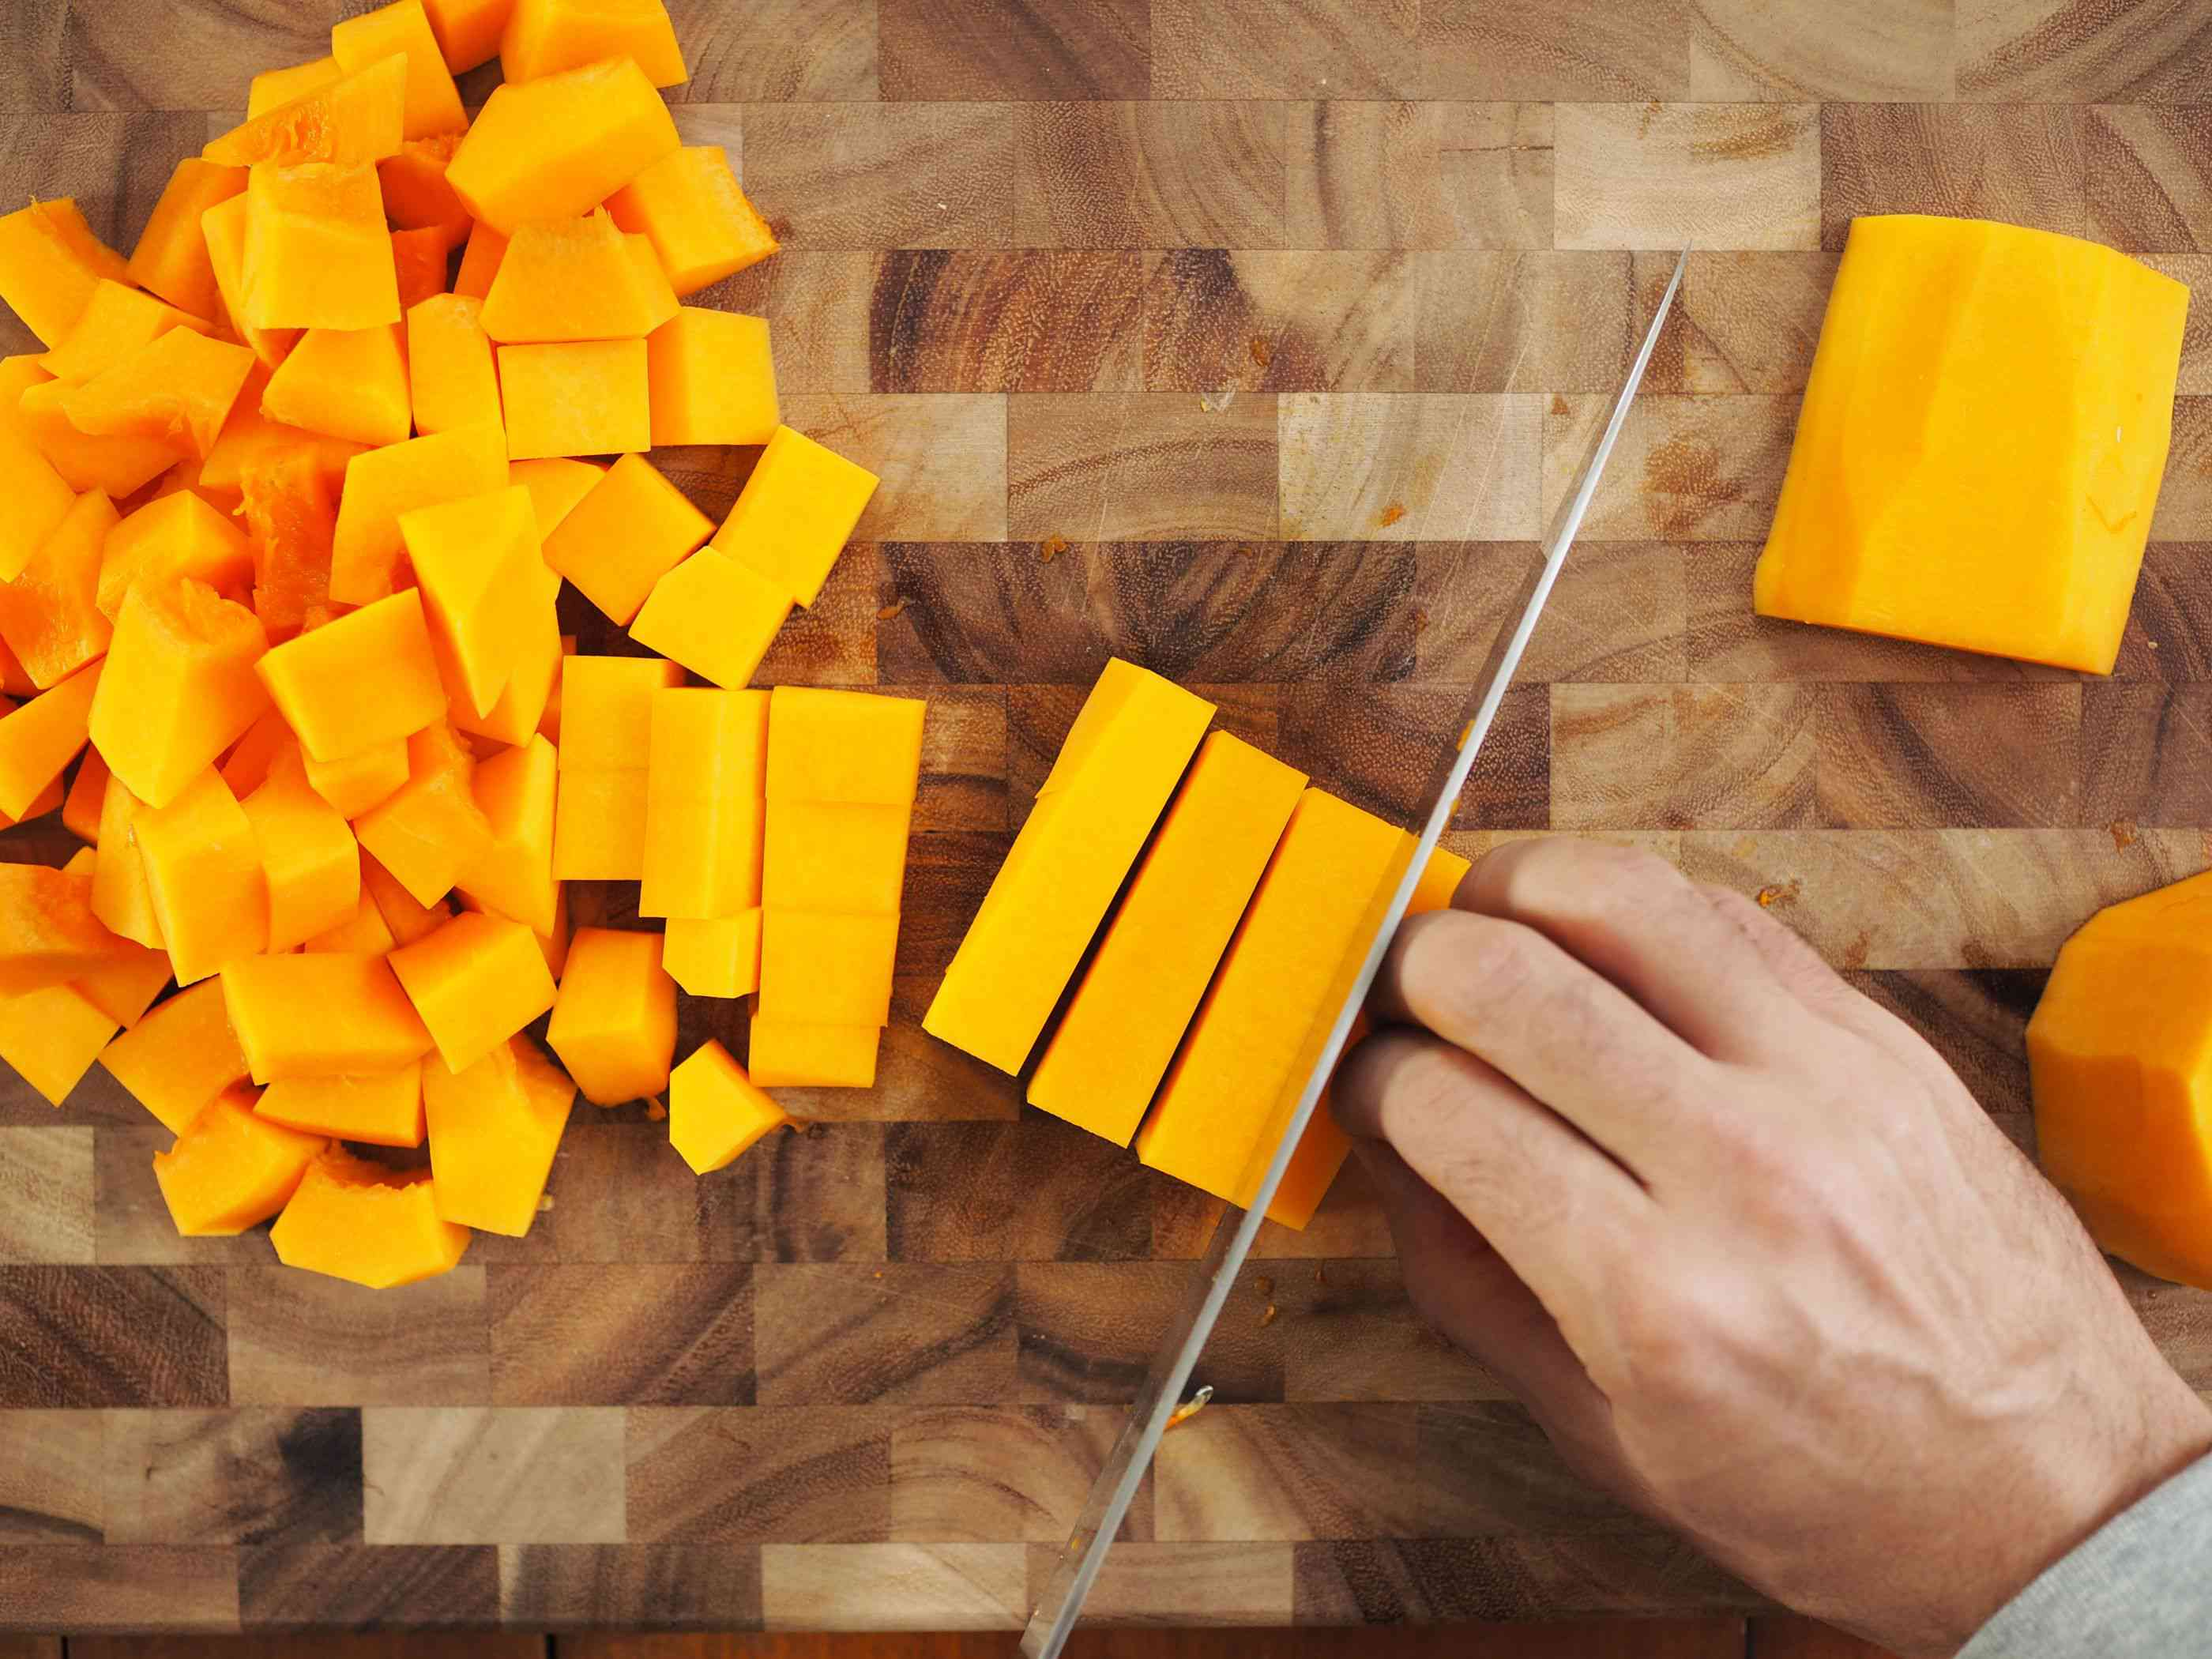 20141008-knife-skills-butternut-squash-daniel-gritzer26.jpg